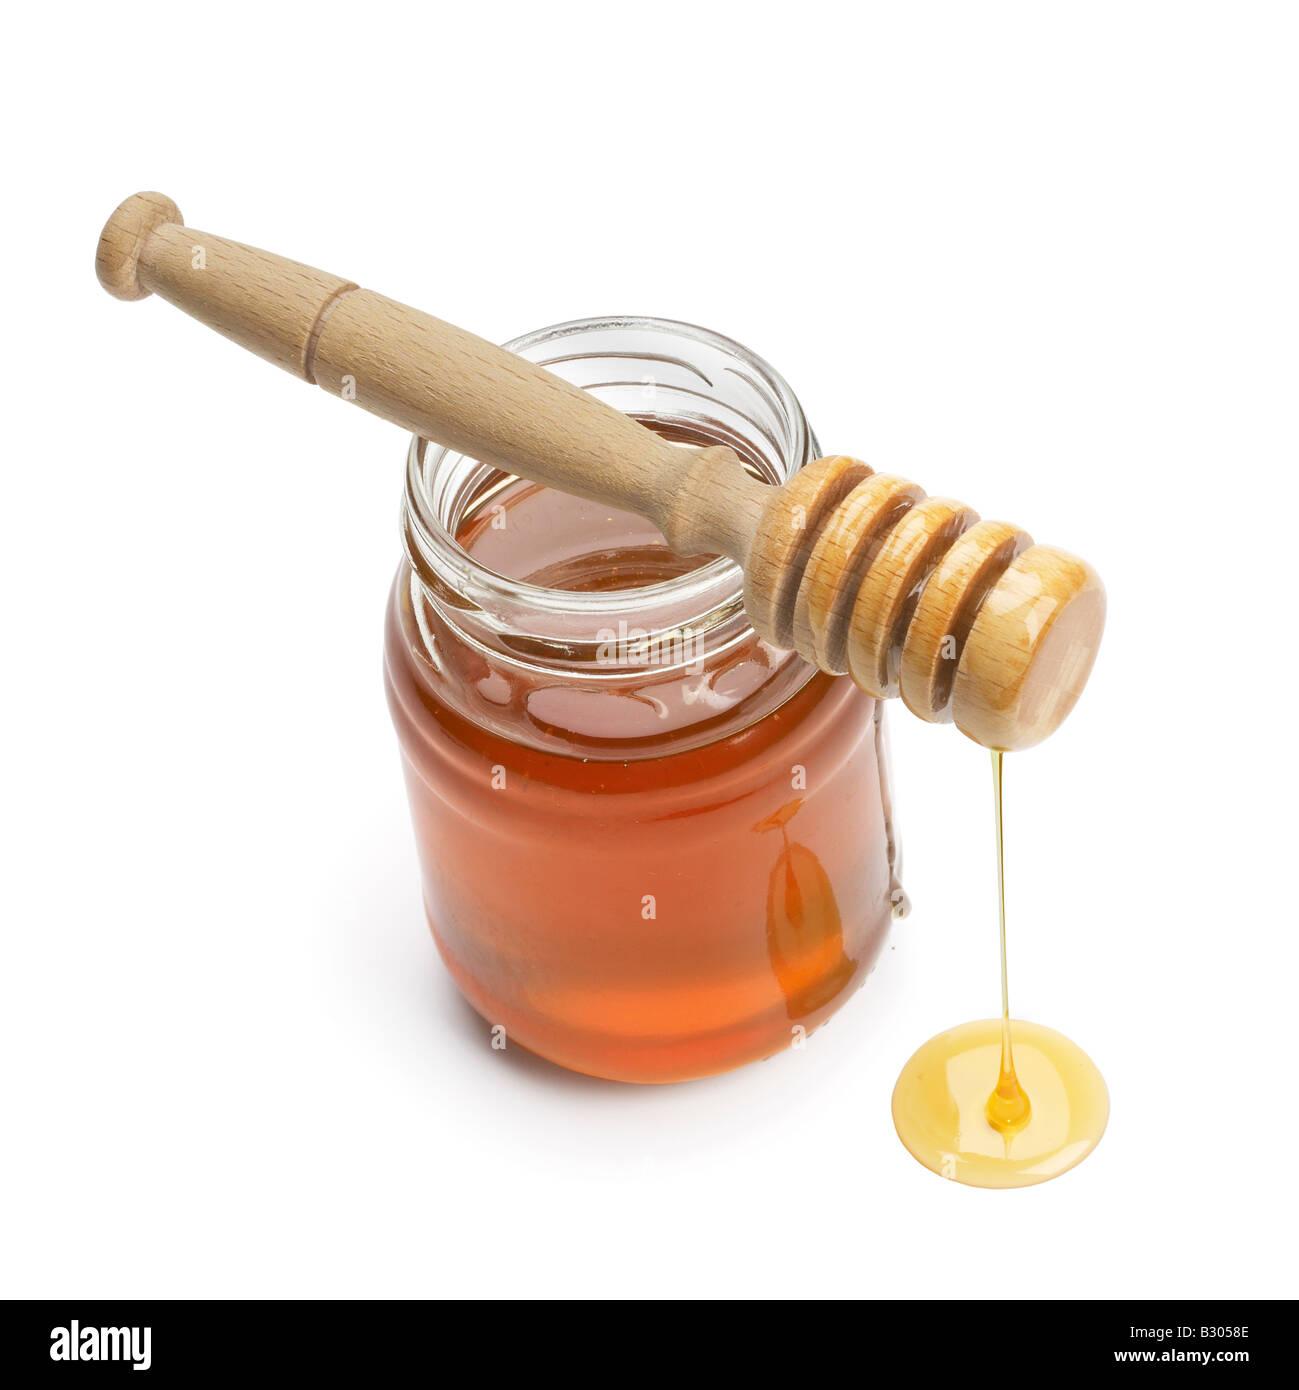 Tarro de miel con drizzler Imagen De Stock